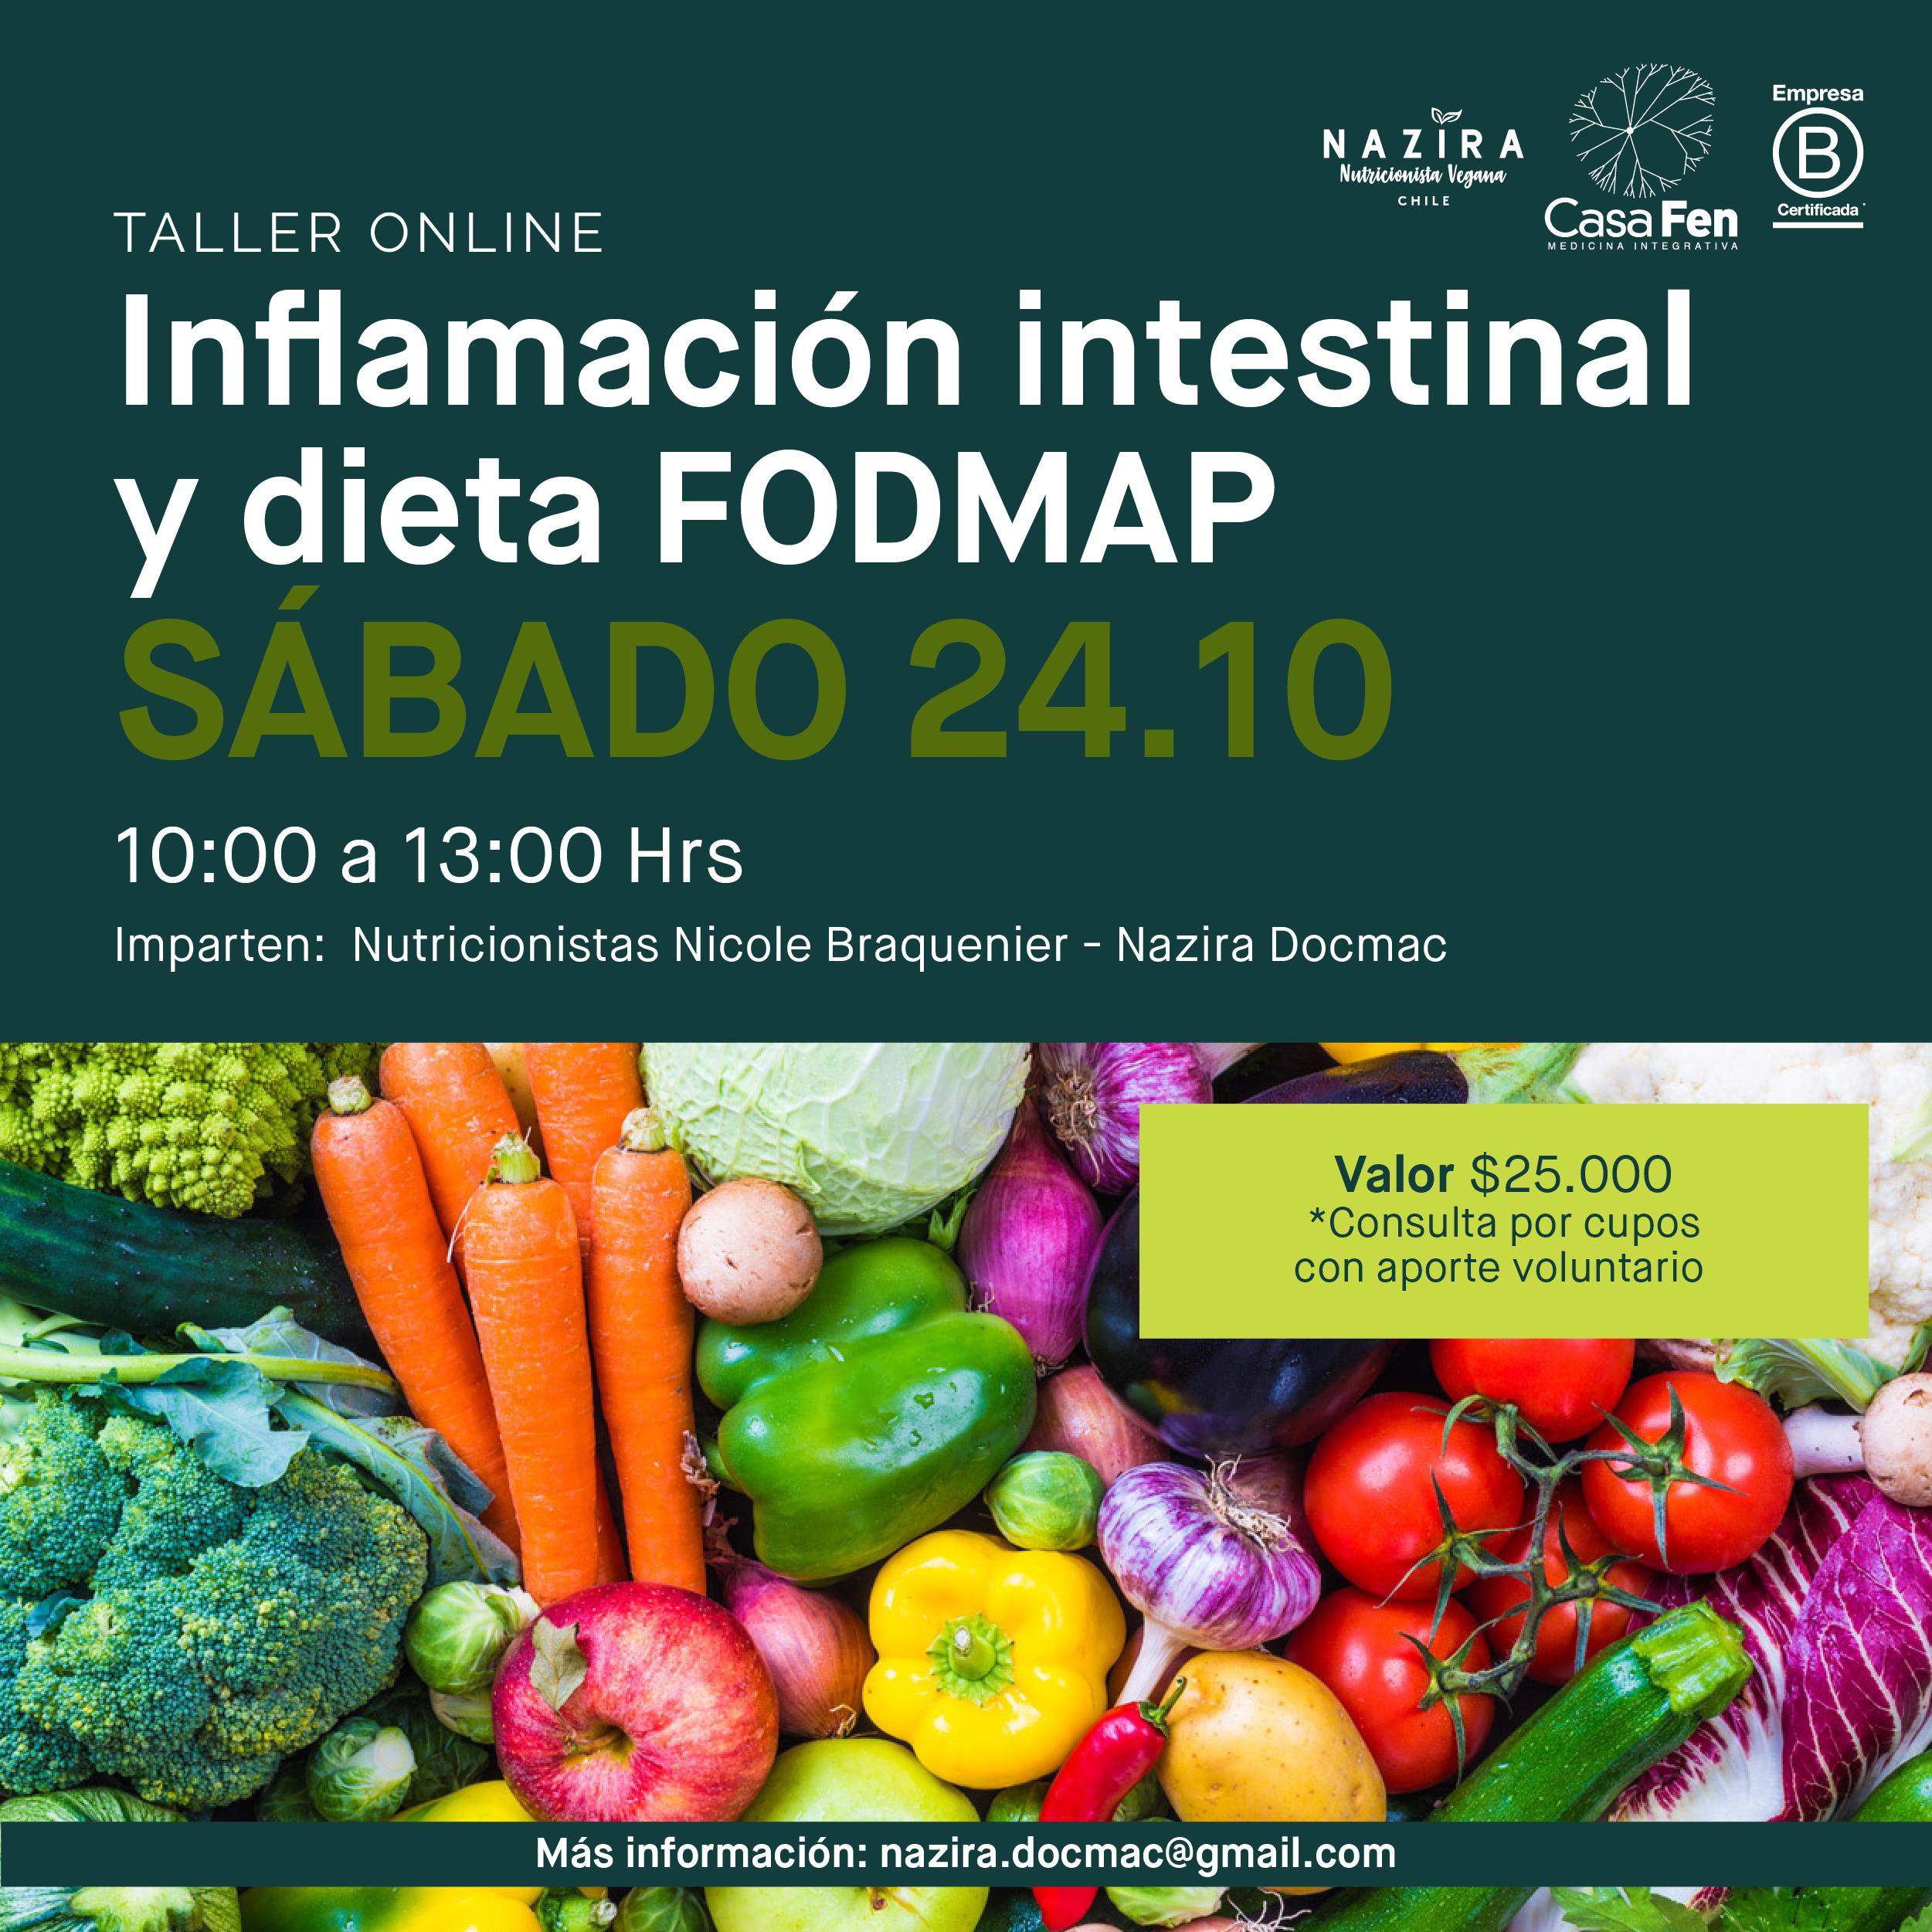 Inflamación intestinal y dieta FODMAP - CasaFen